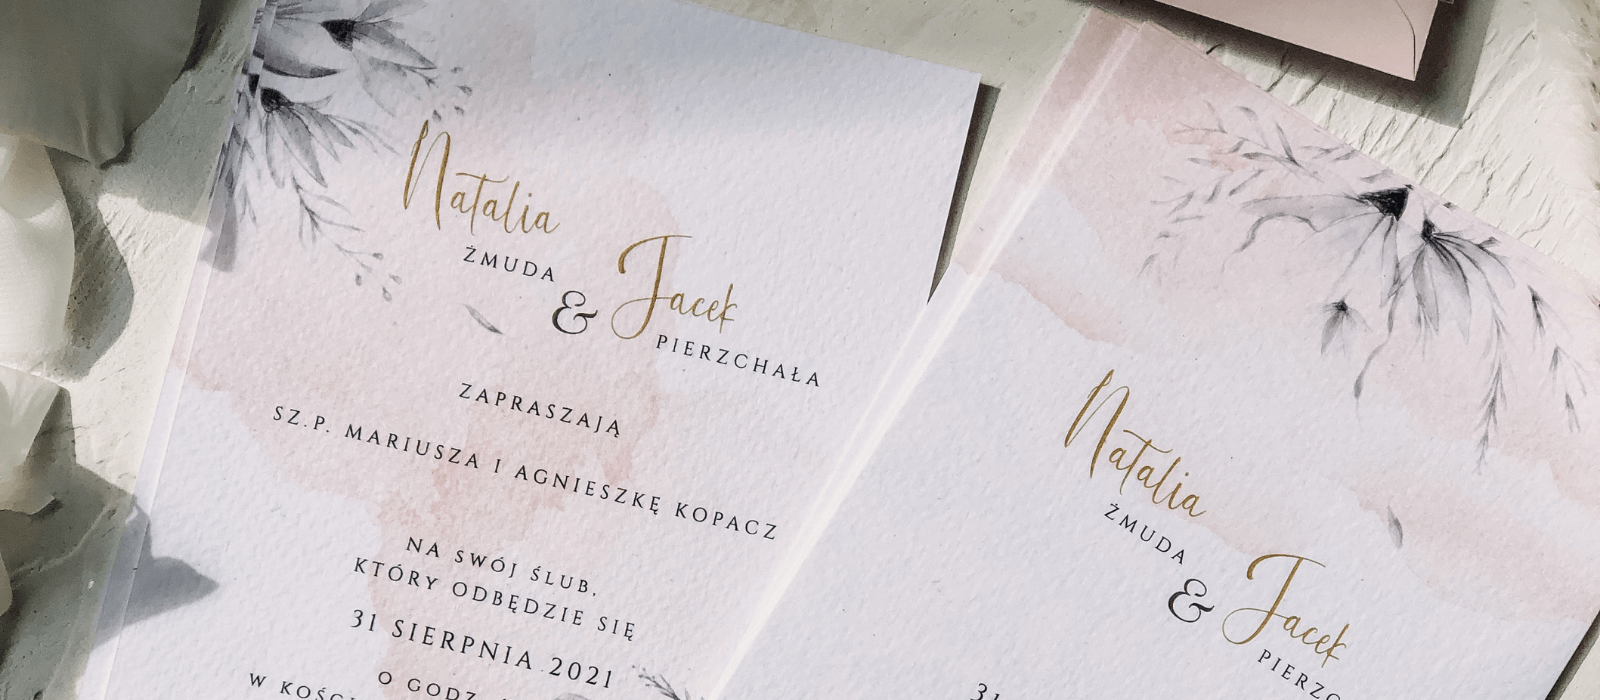 Próbki zaproszeń ślubnych _ Design Your Wedding (1)